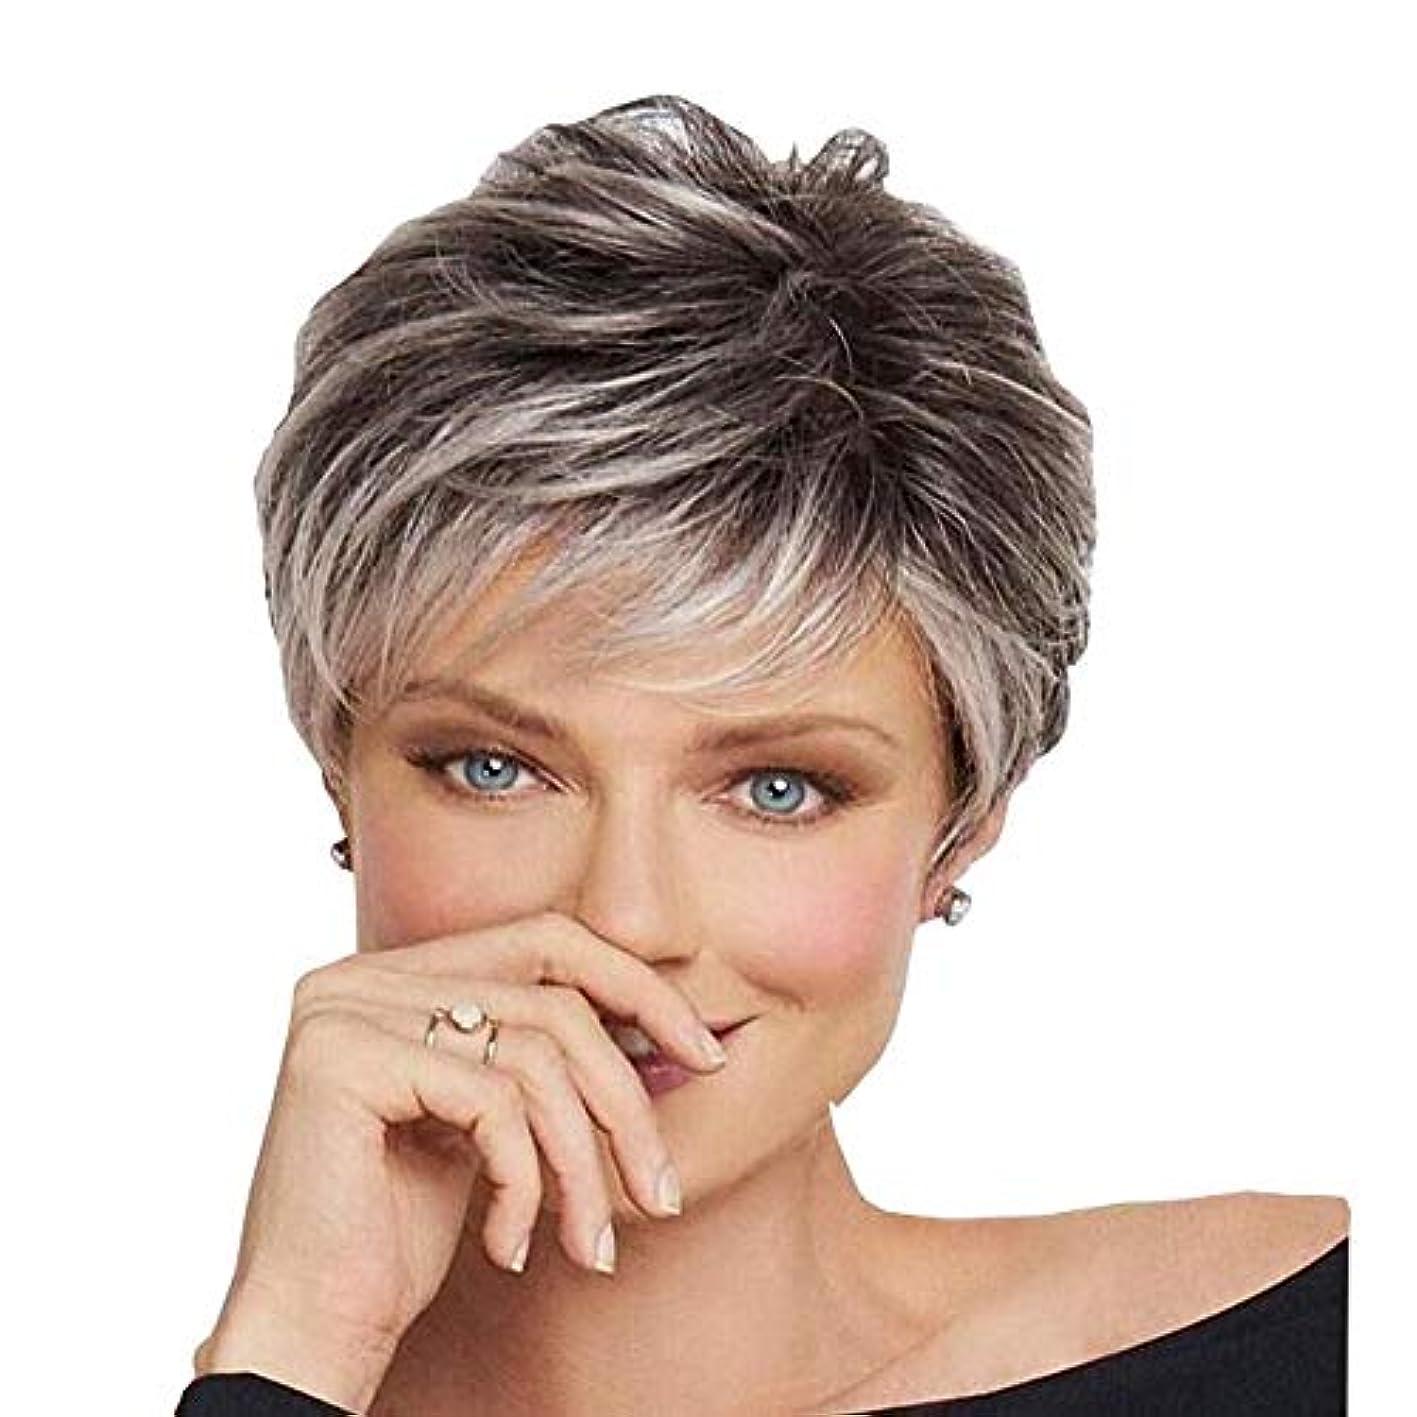 異なる泥宿命YOUQIU 毎日パーティーかつらのために斜め前髪を持つ女性のグレーショートカーリーヘアダークルーツヘアウィッグ (色 : グレー)